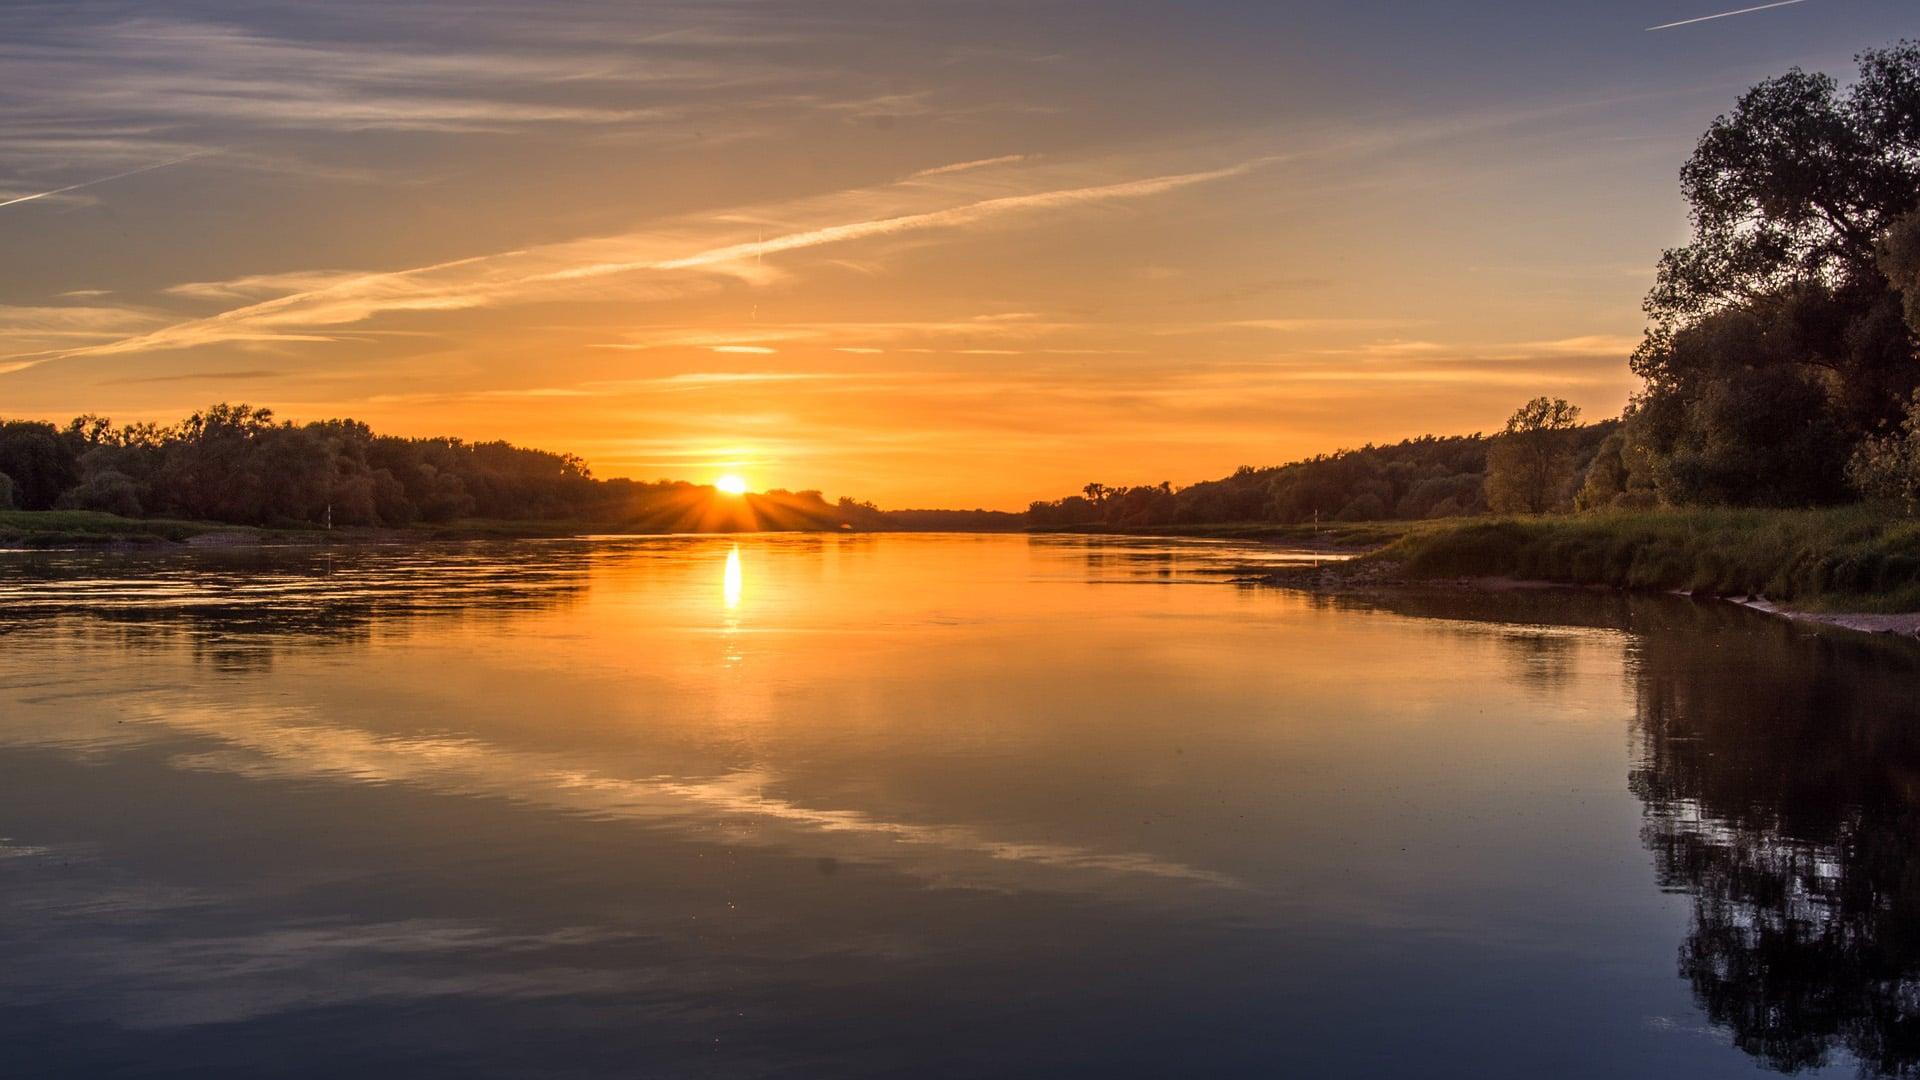 А вы встречали закат на реке?